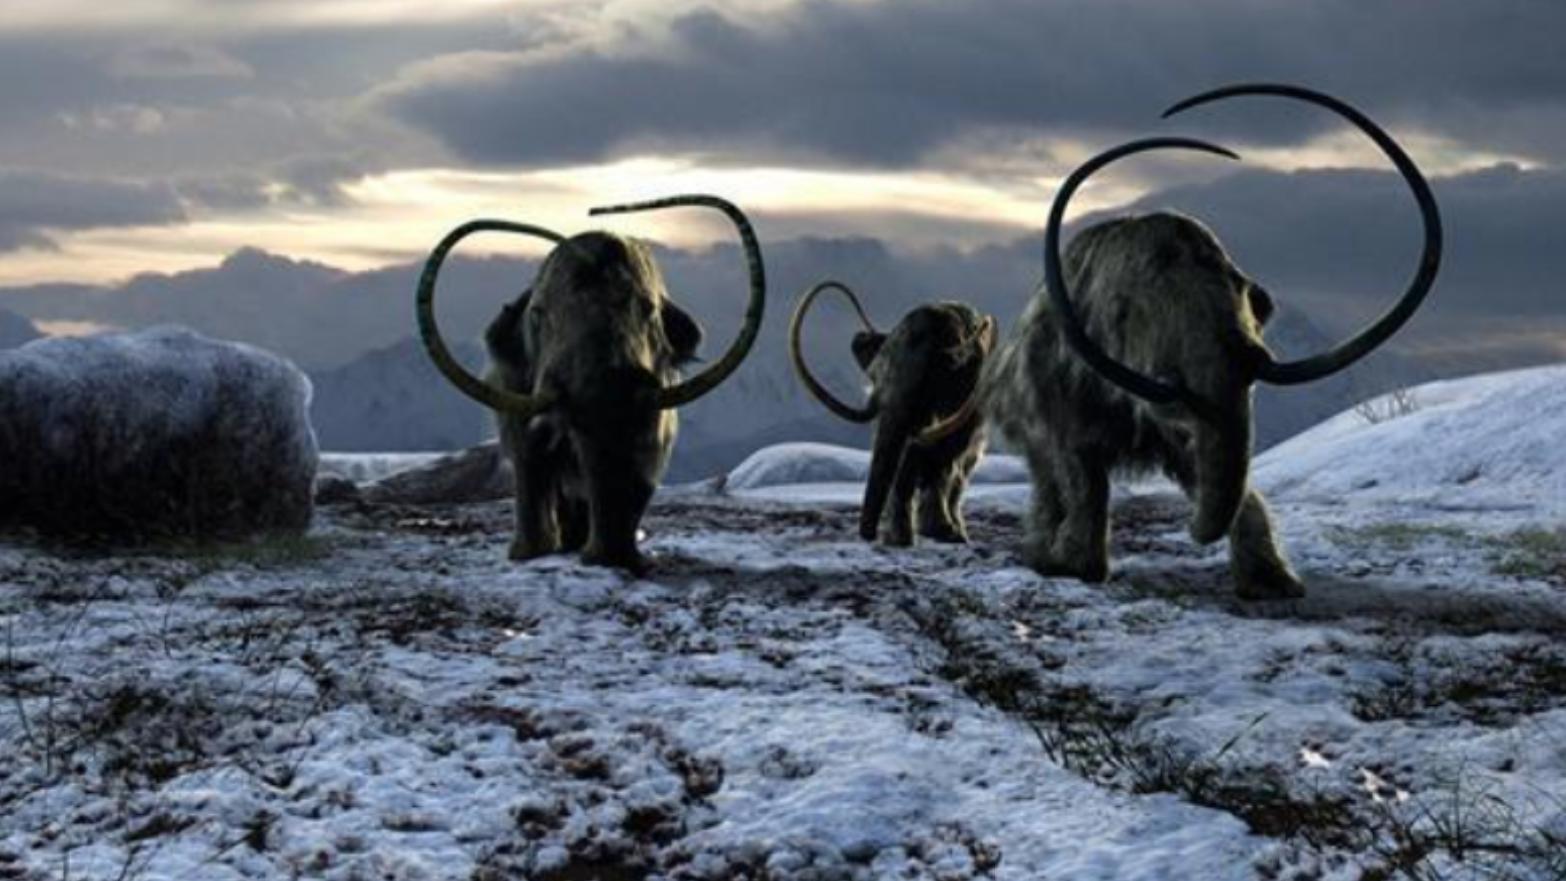 冰冻2.8万年的细胞复活,长毛象出现在南极,大复苏时代要来了